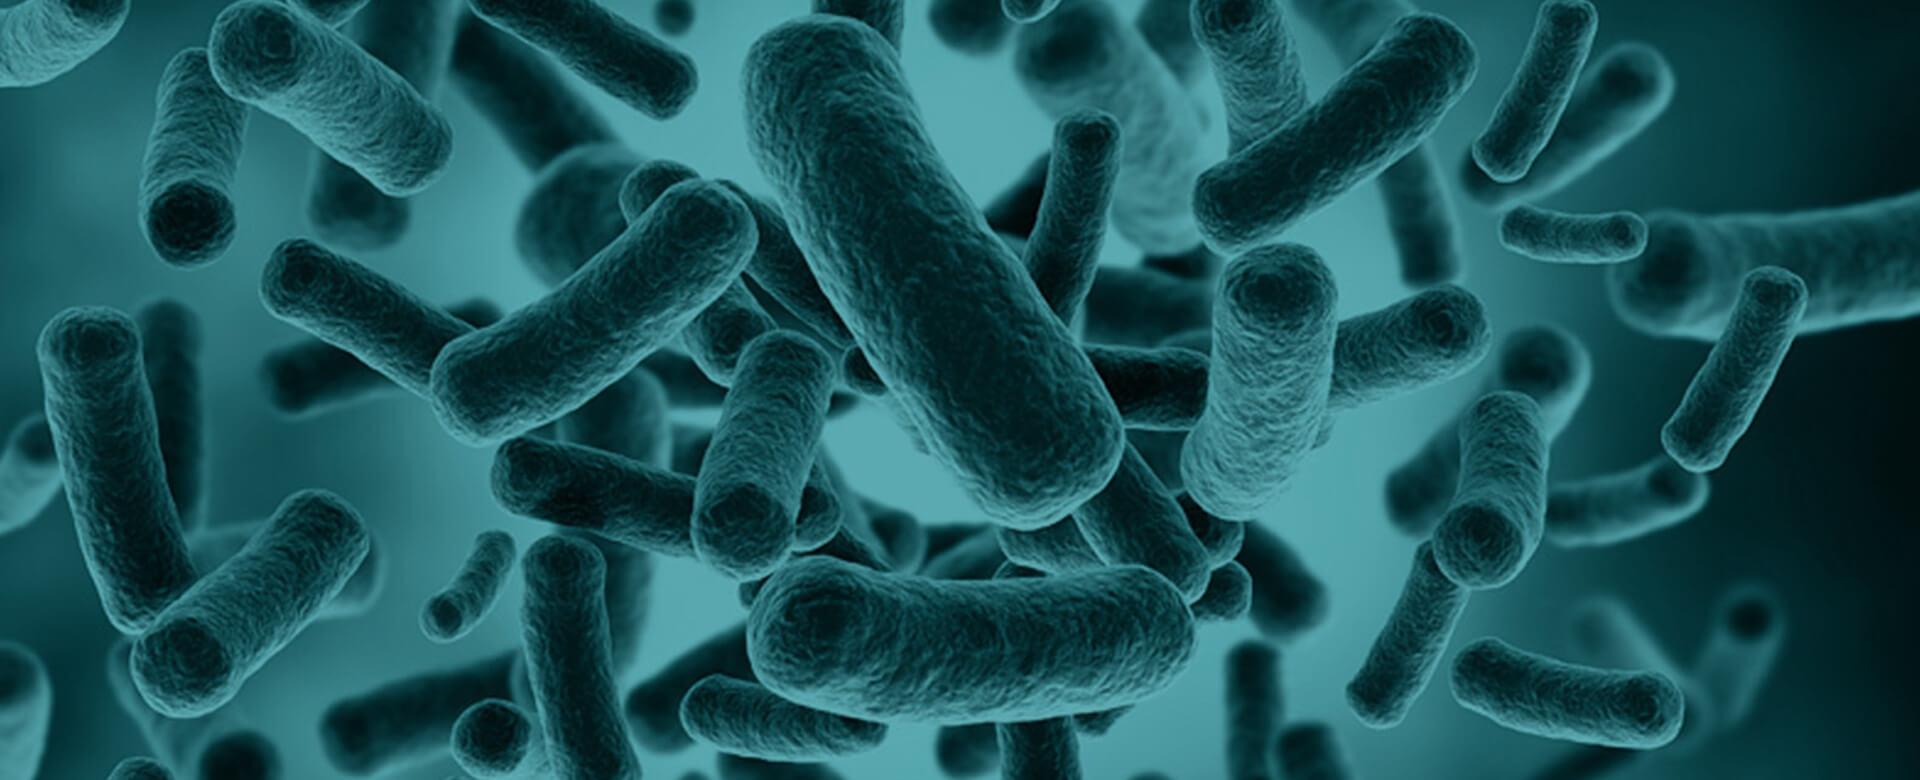 Analisi del microbioma, una nuova arma contro l'invecchiamento